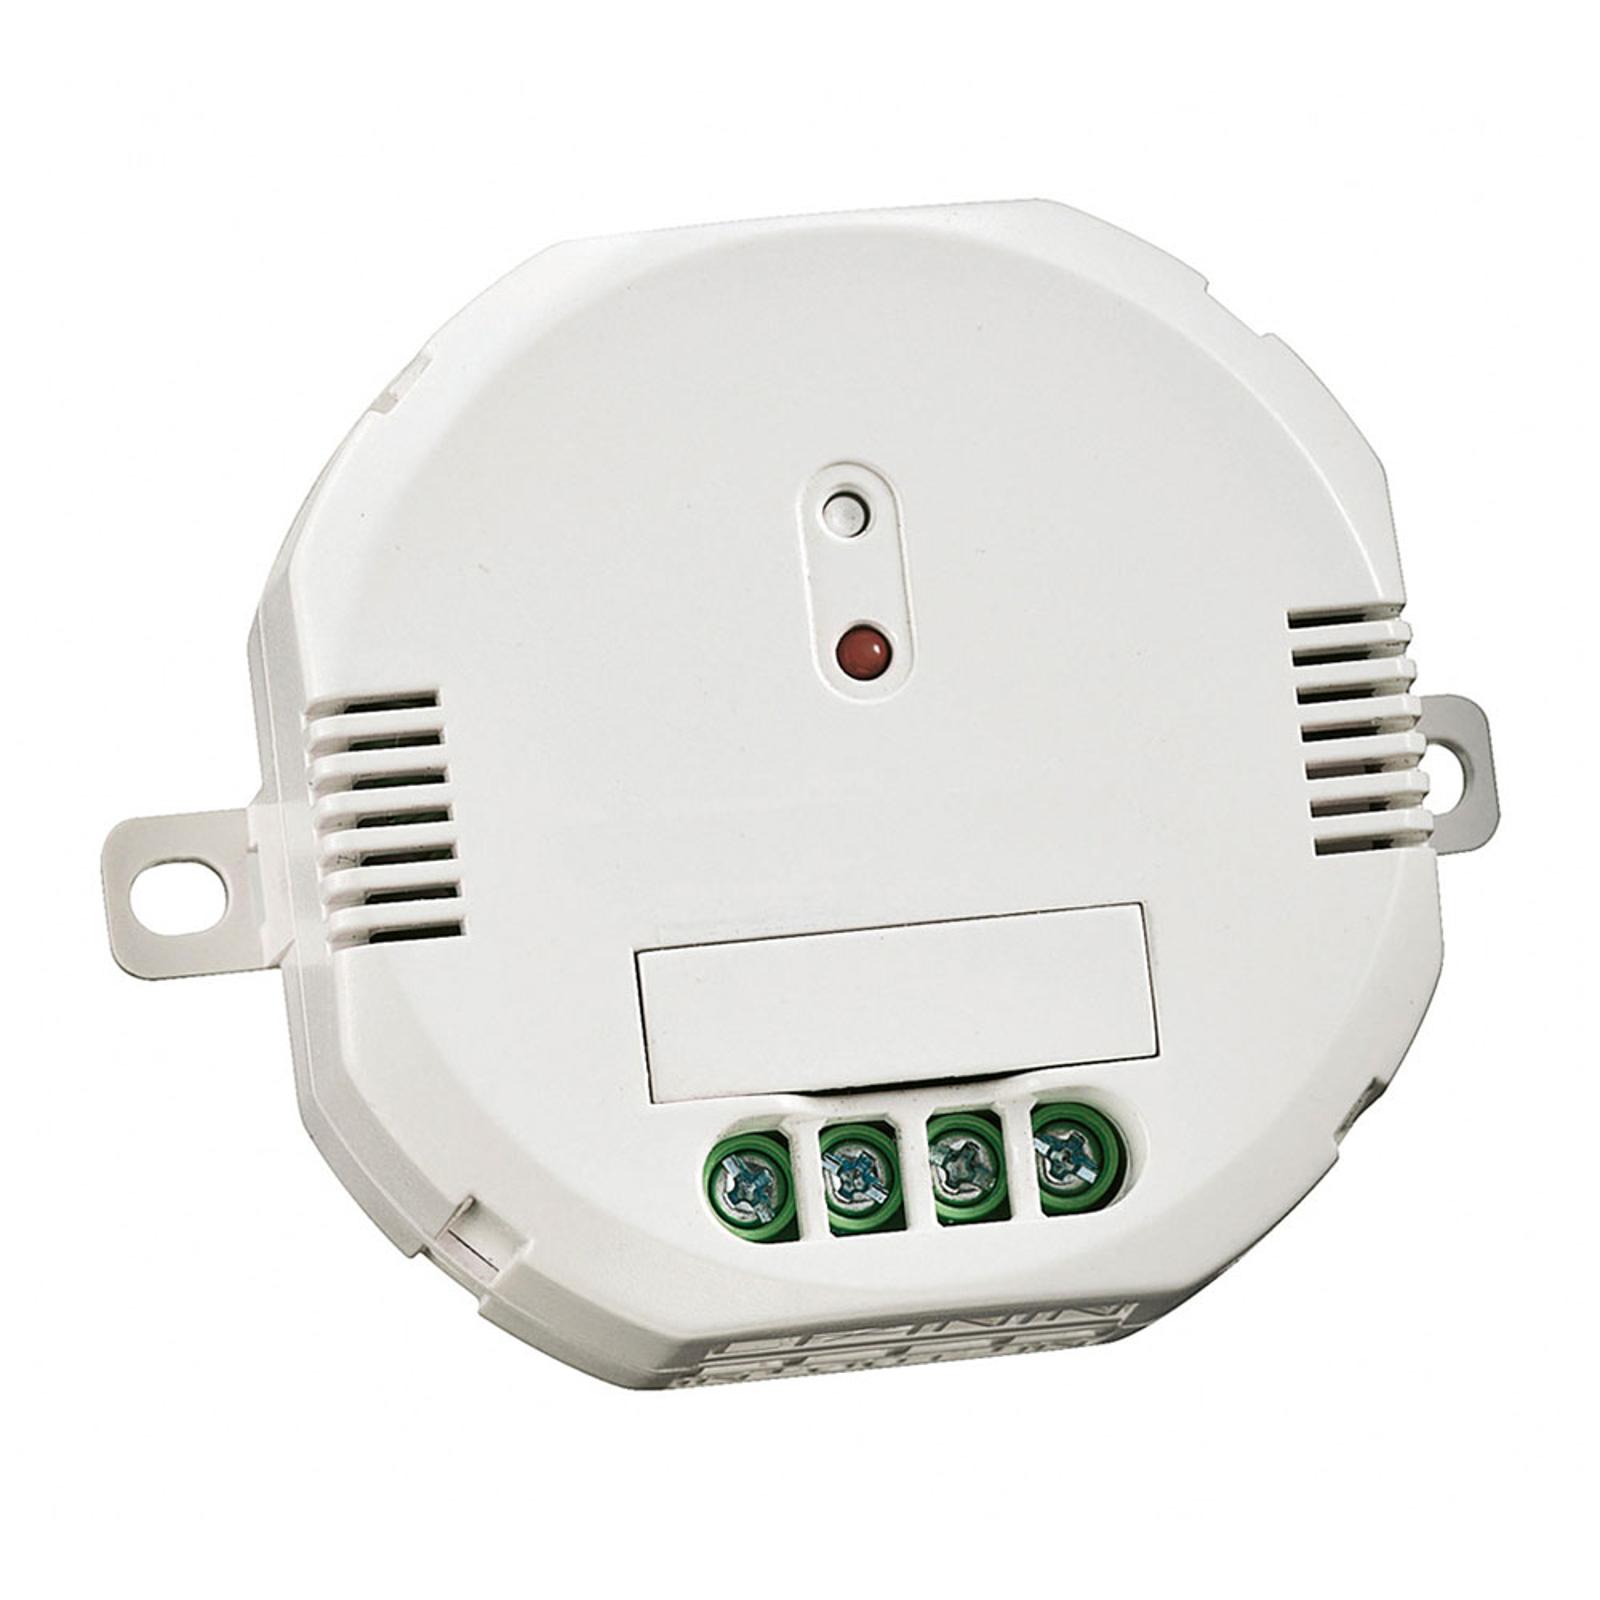 SLV CONTROL BY TRUST radiowy przełącznik, zabudowa